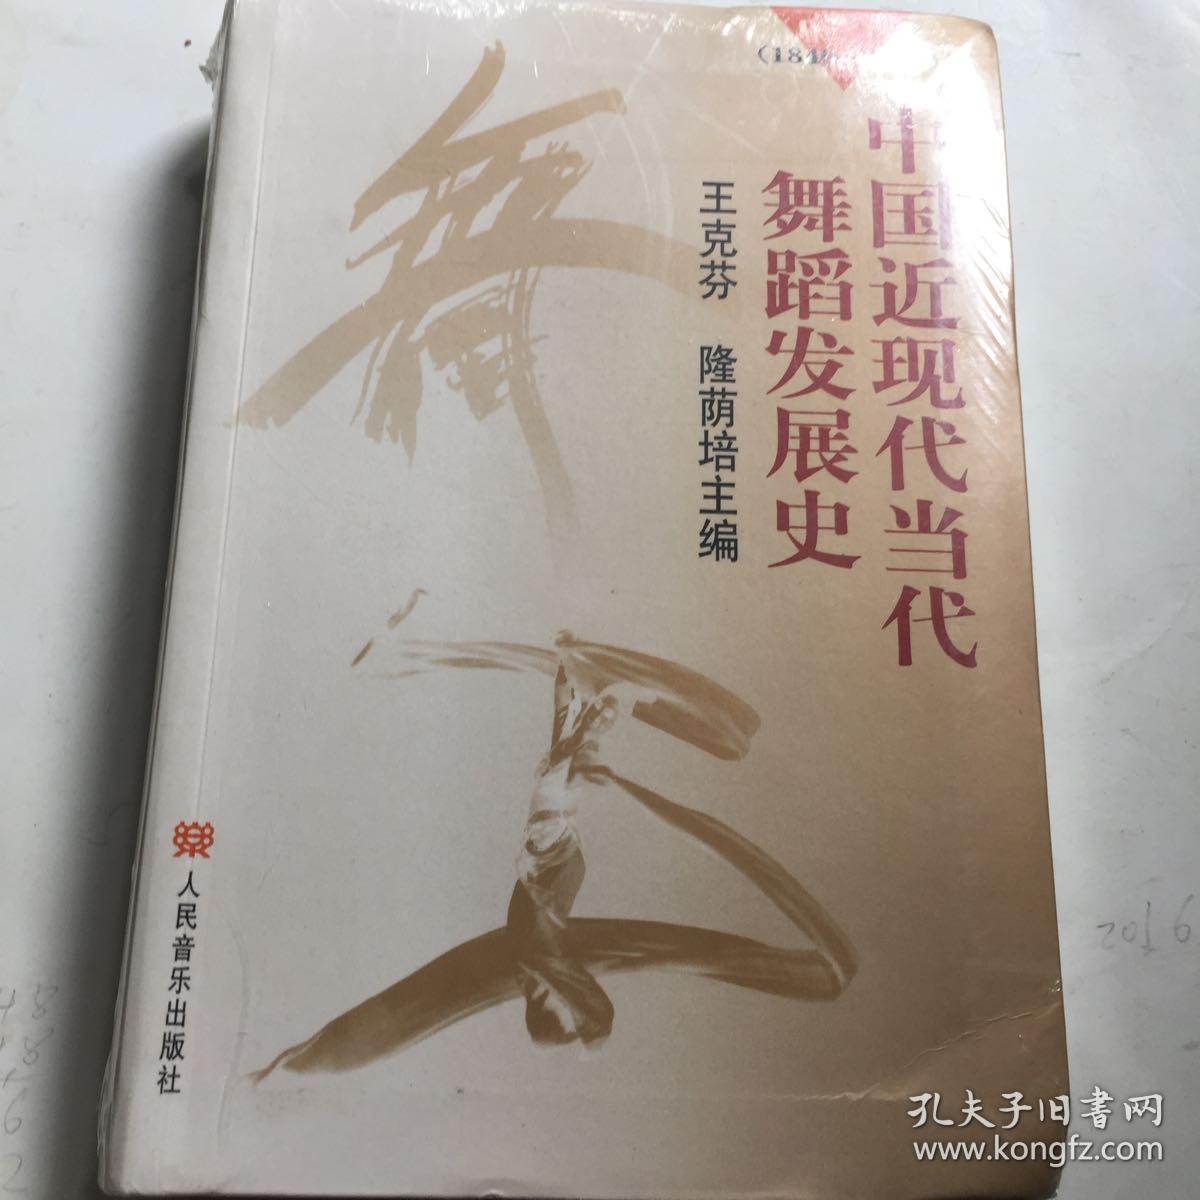 中国近现代当代舞蹈发展史